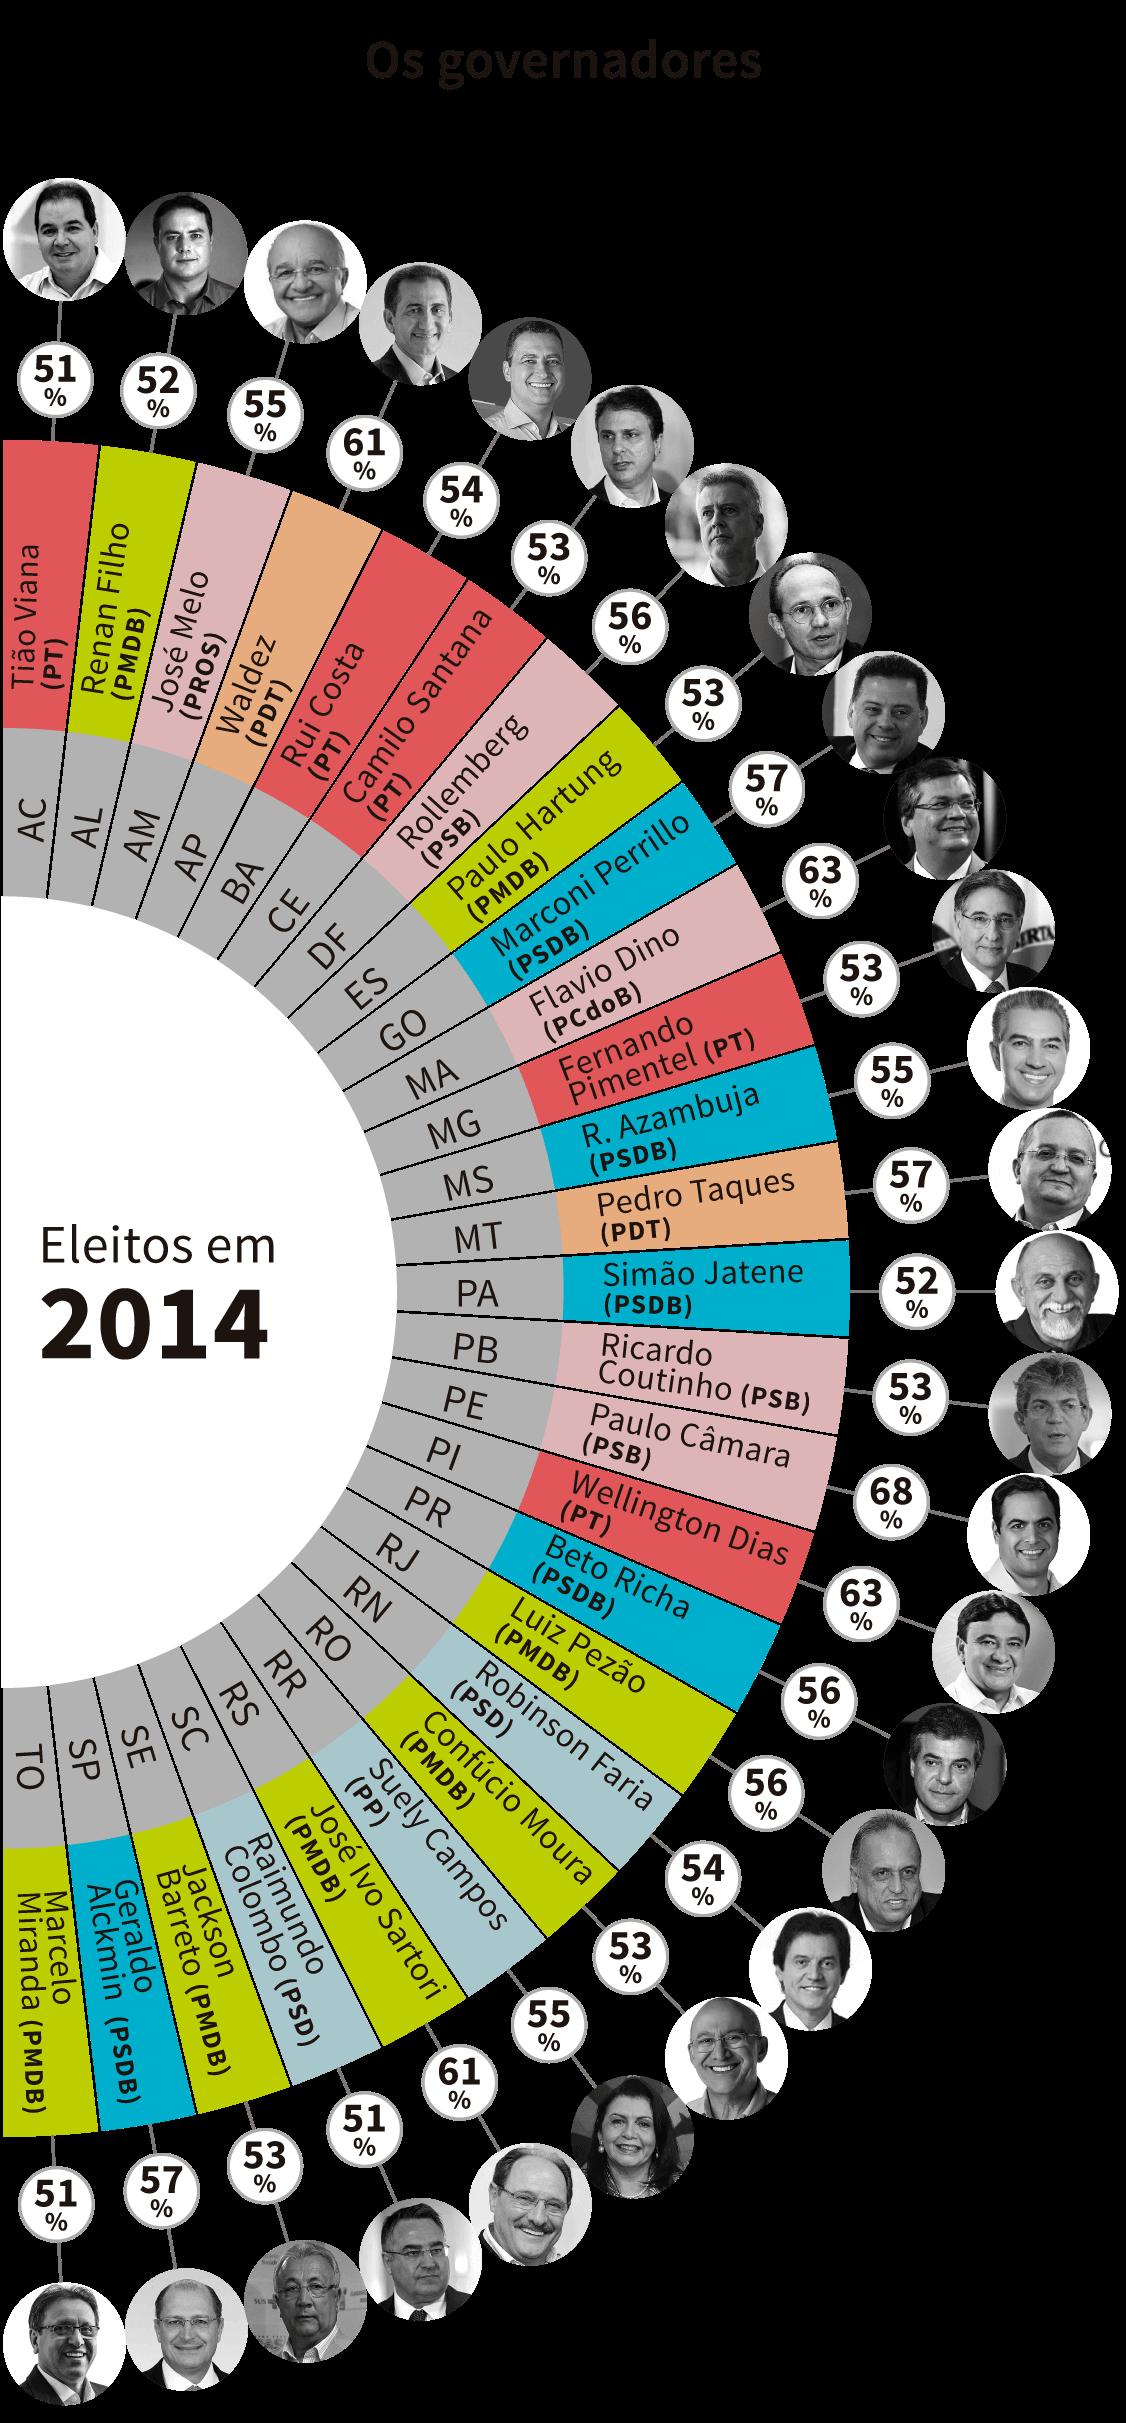 Infográfico:Os governadores eleitos em 2014